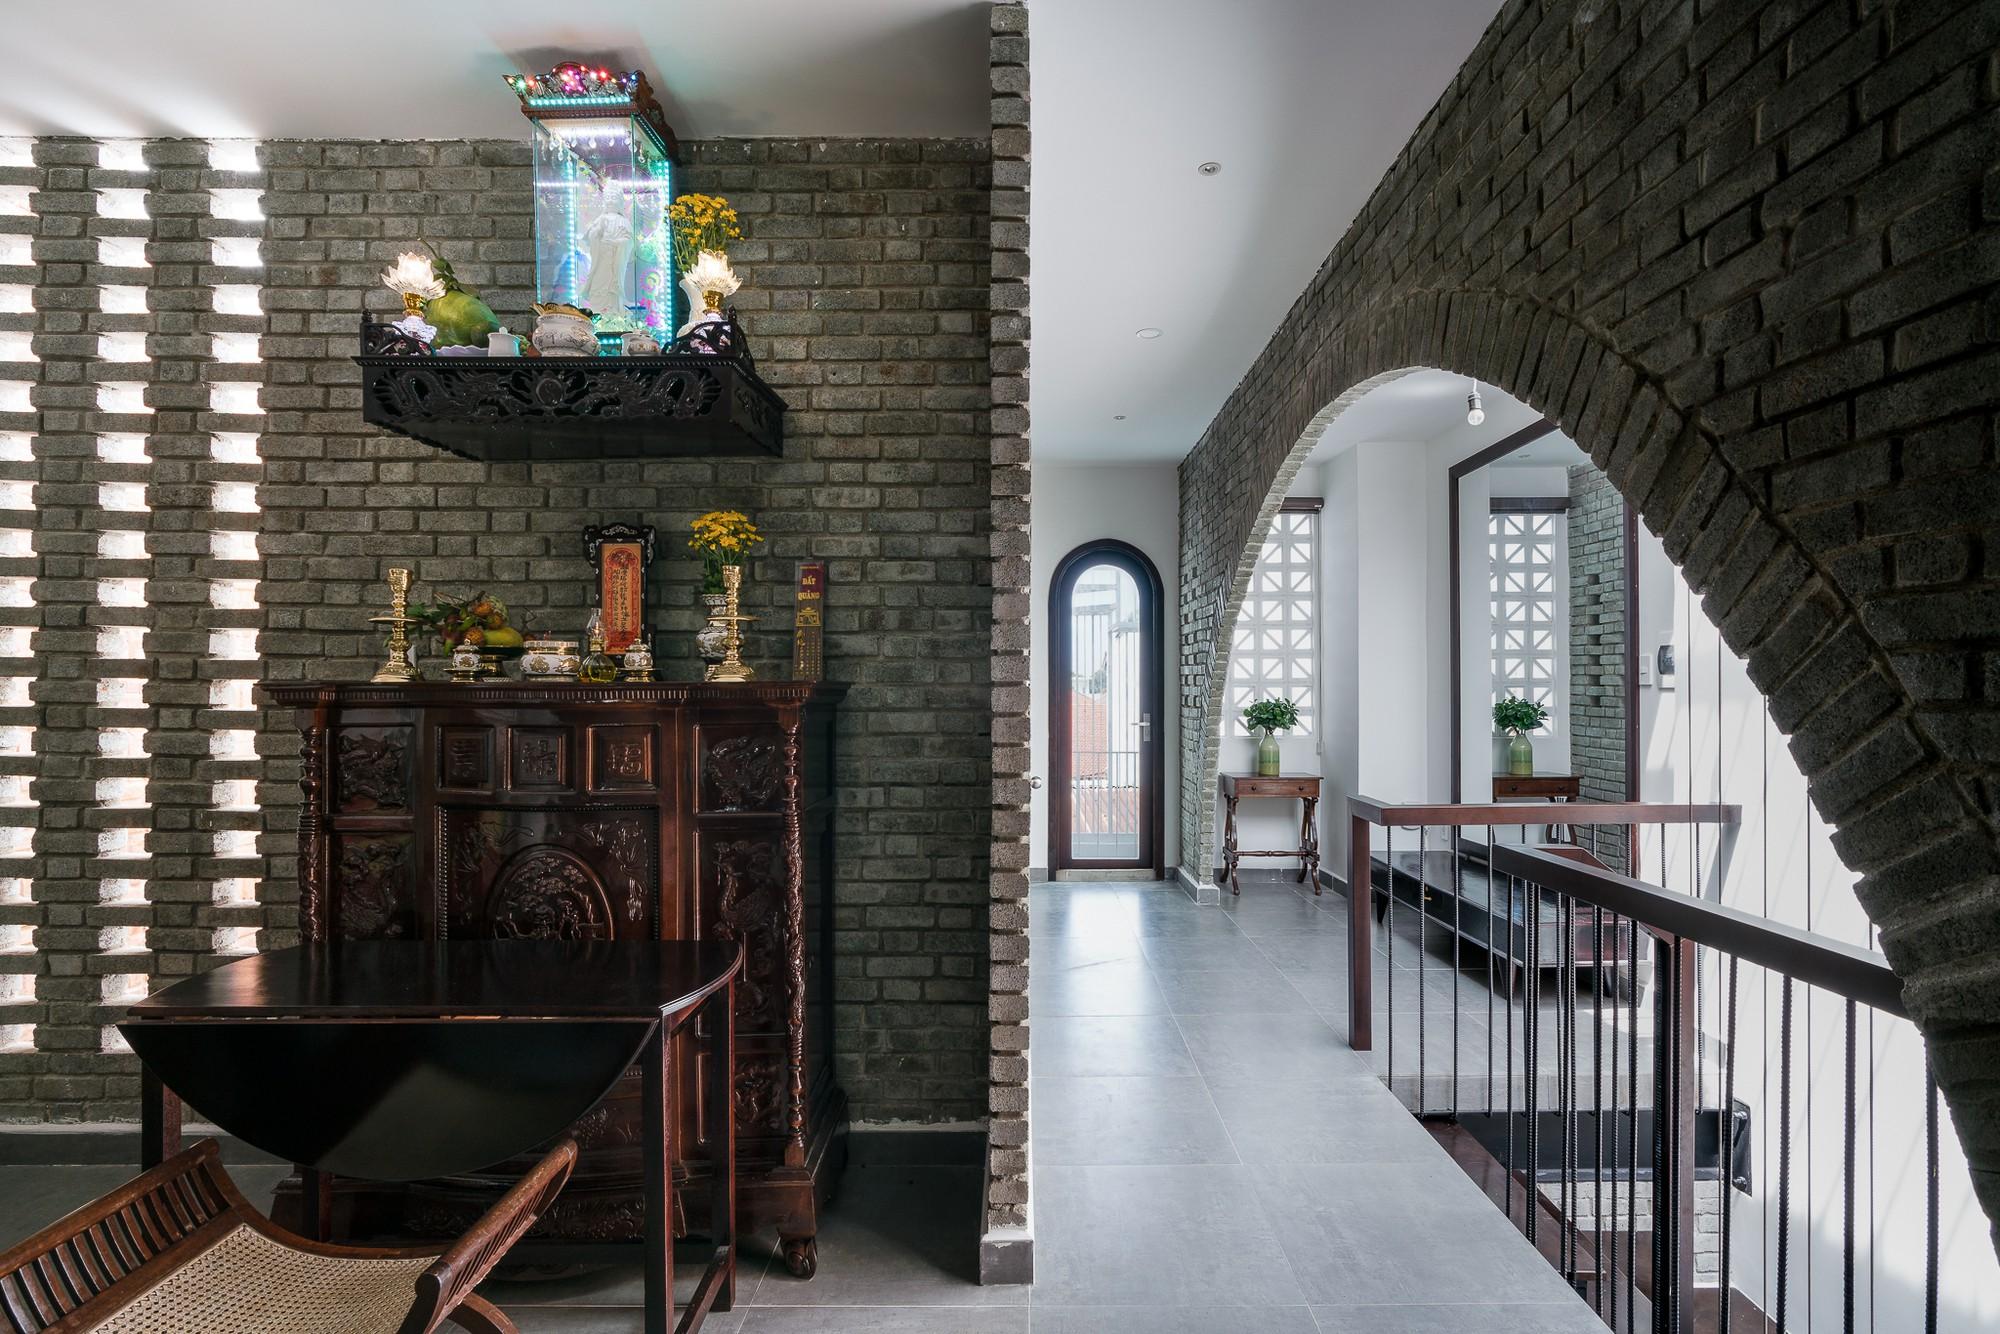 Ngôi nhà gạch 2 tầng của cặp vợ chồng già ở Đà Nẵng được tạp chí Mỹ xuýt xoa khen ngợi - Ảnh 16.